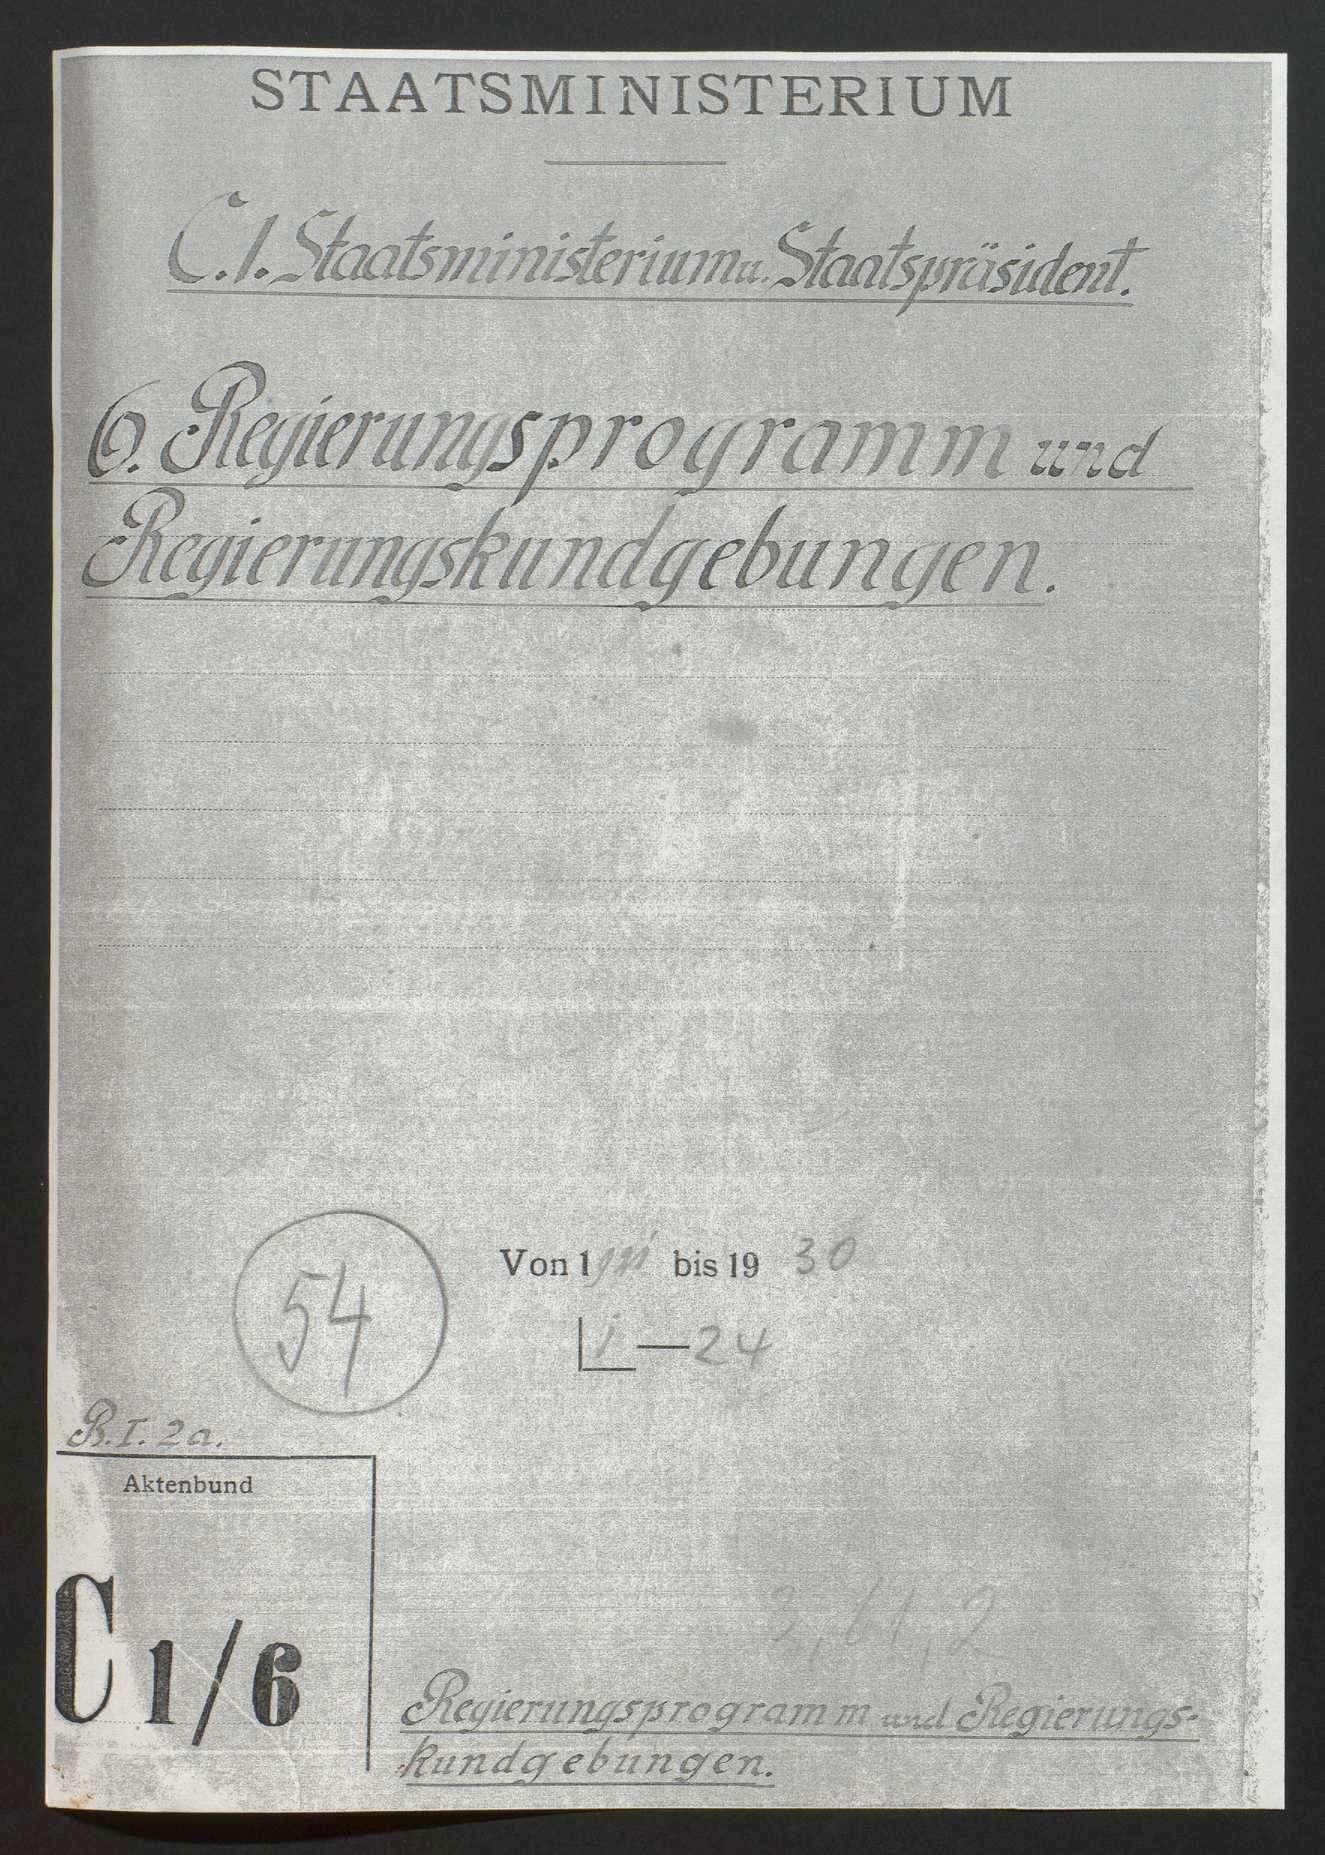 Regierungserklärungen und Regierungsprogramme, Bild 1